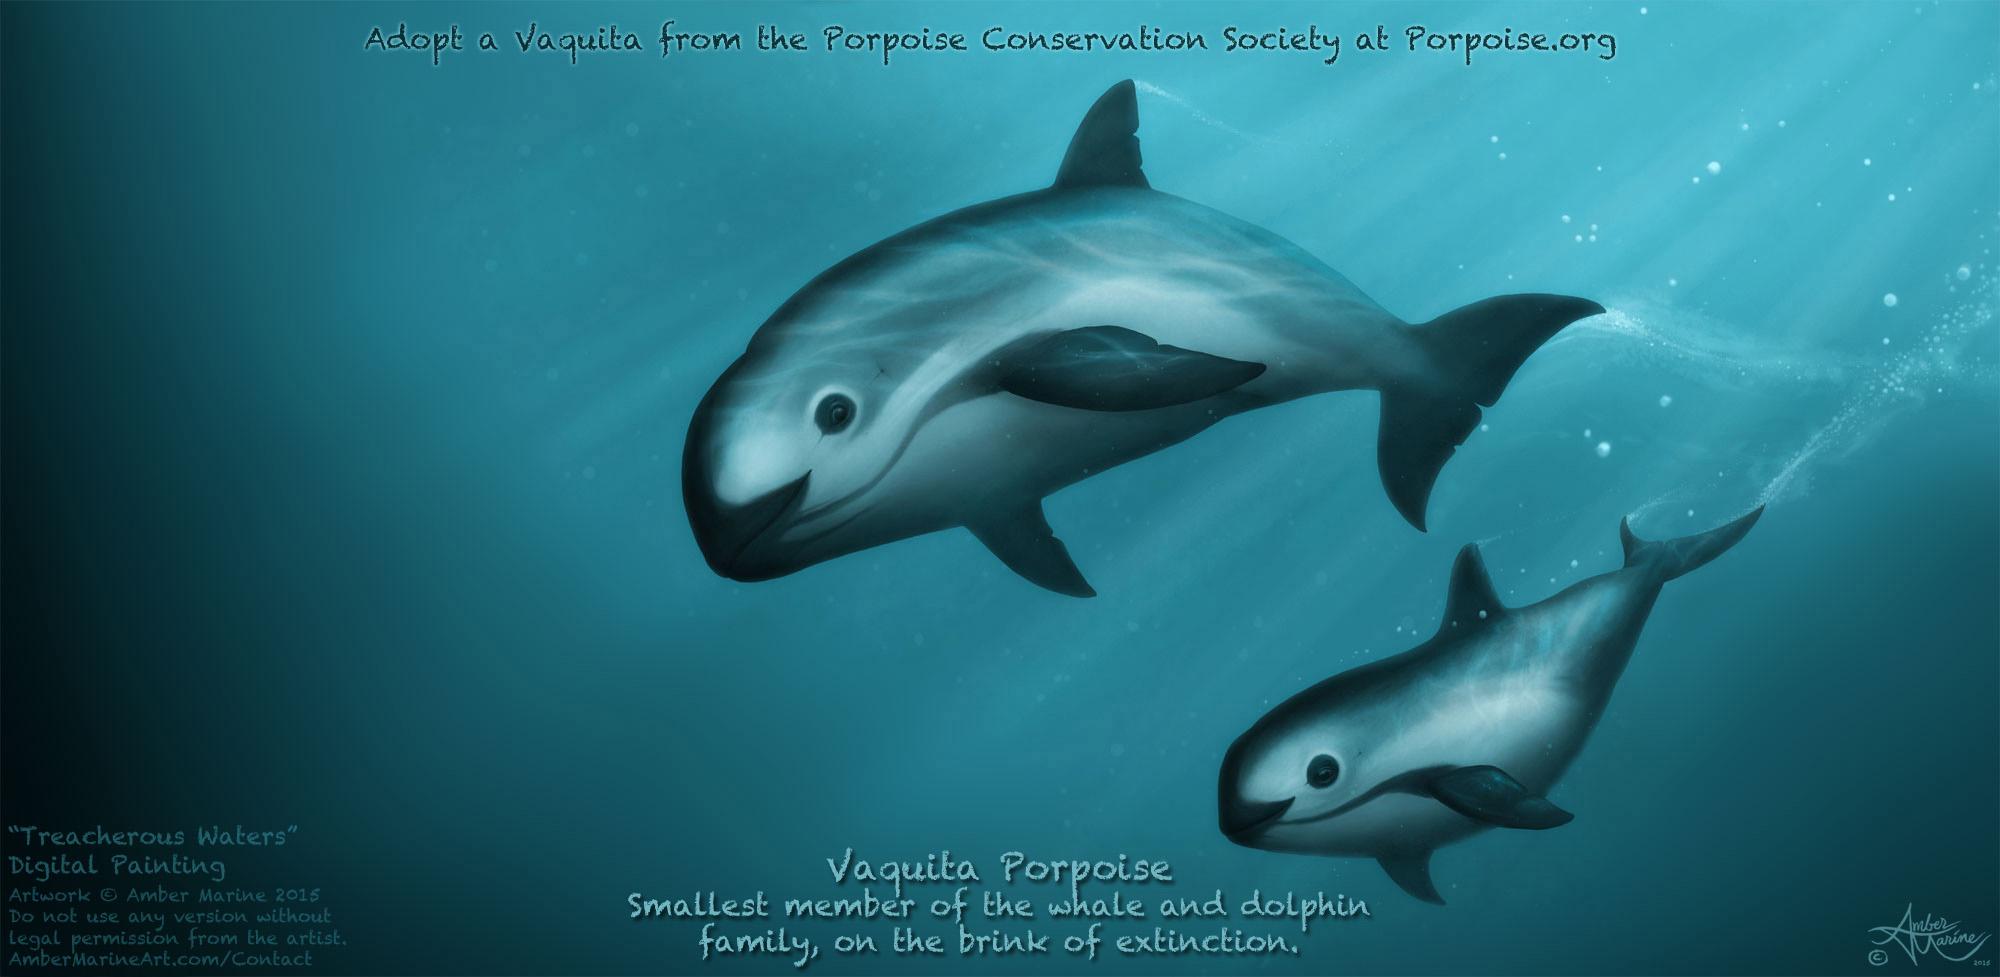 Treacherous Waters, Vaquita Art by Amber Marine